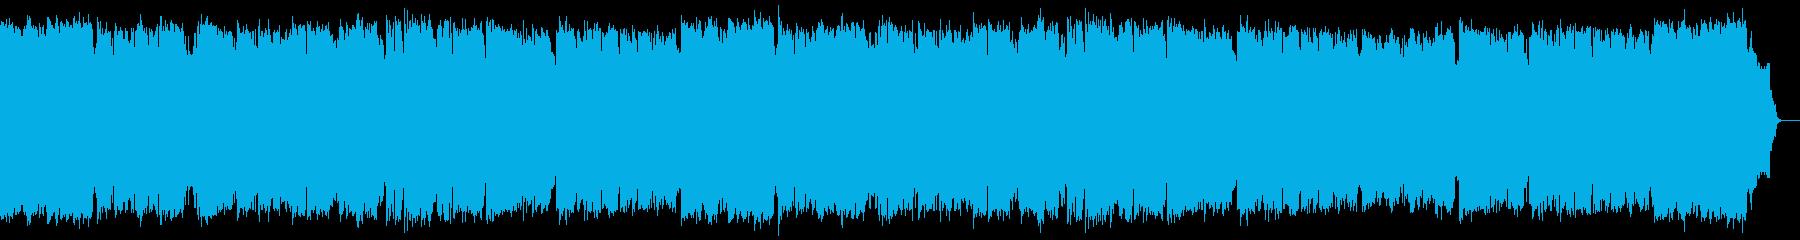 ゆったり大らかな旋律をSAXが語り掛けるの再生済みの波形